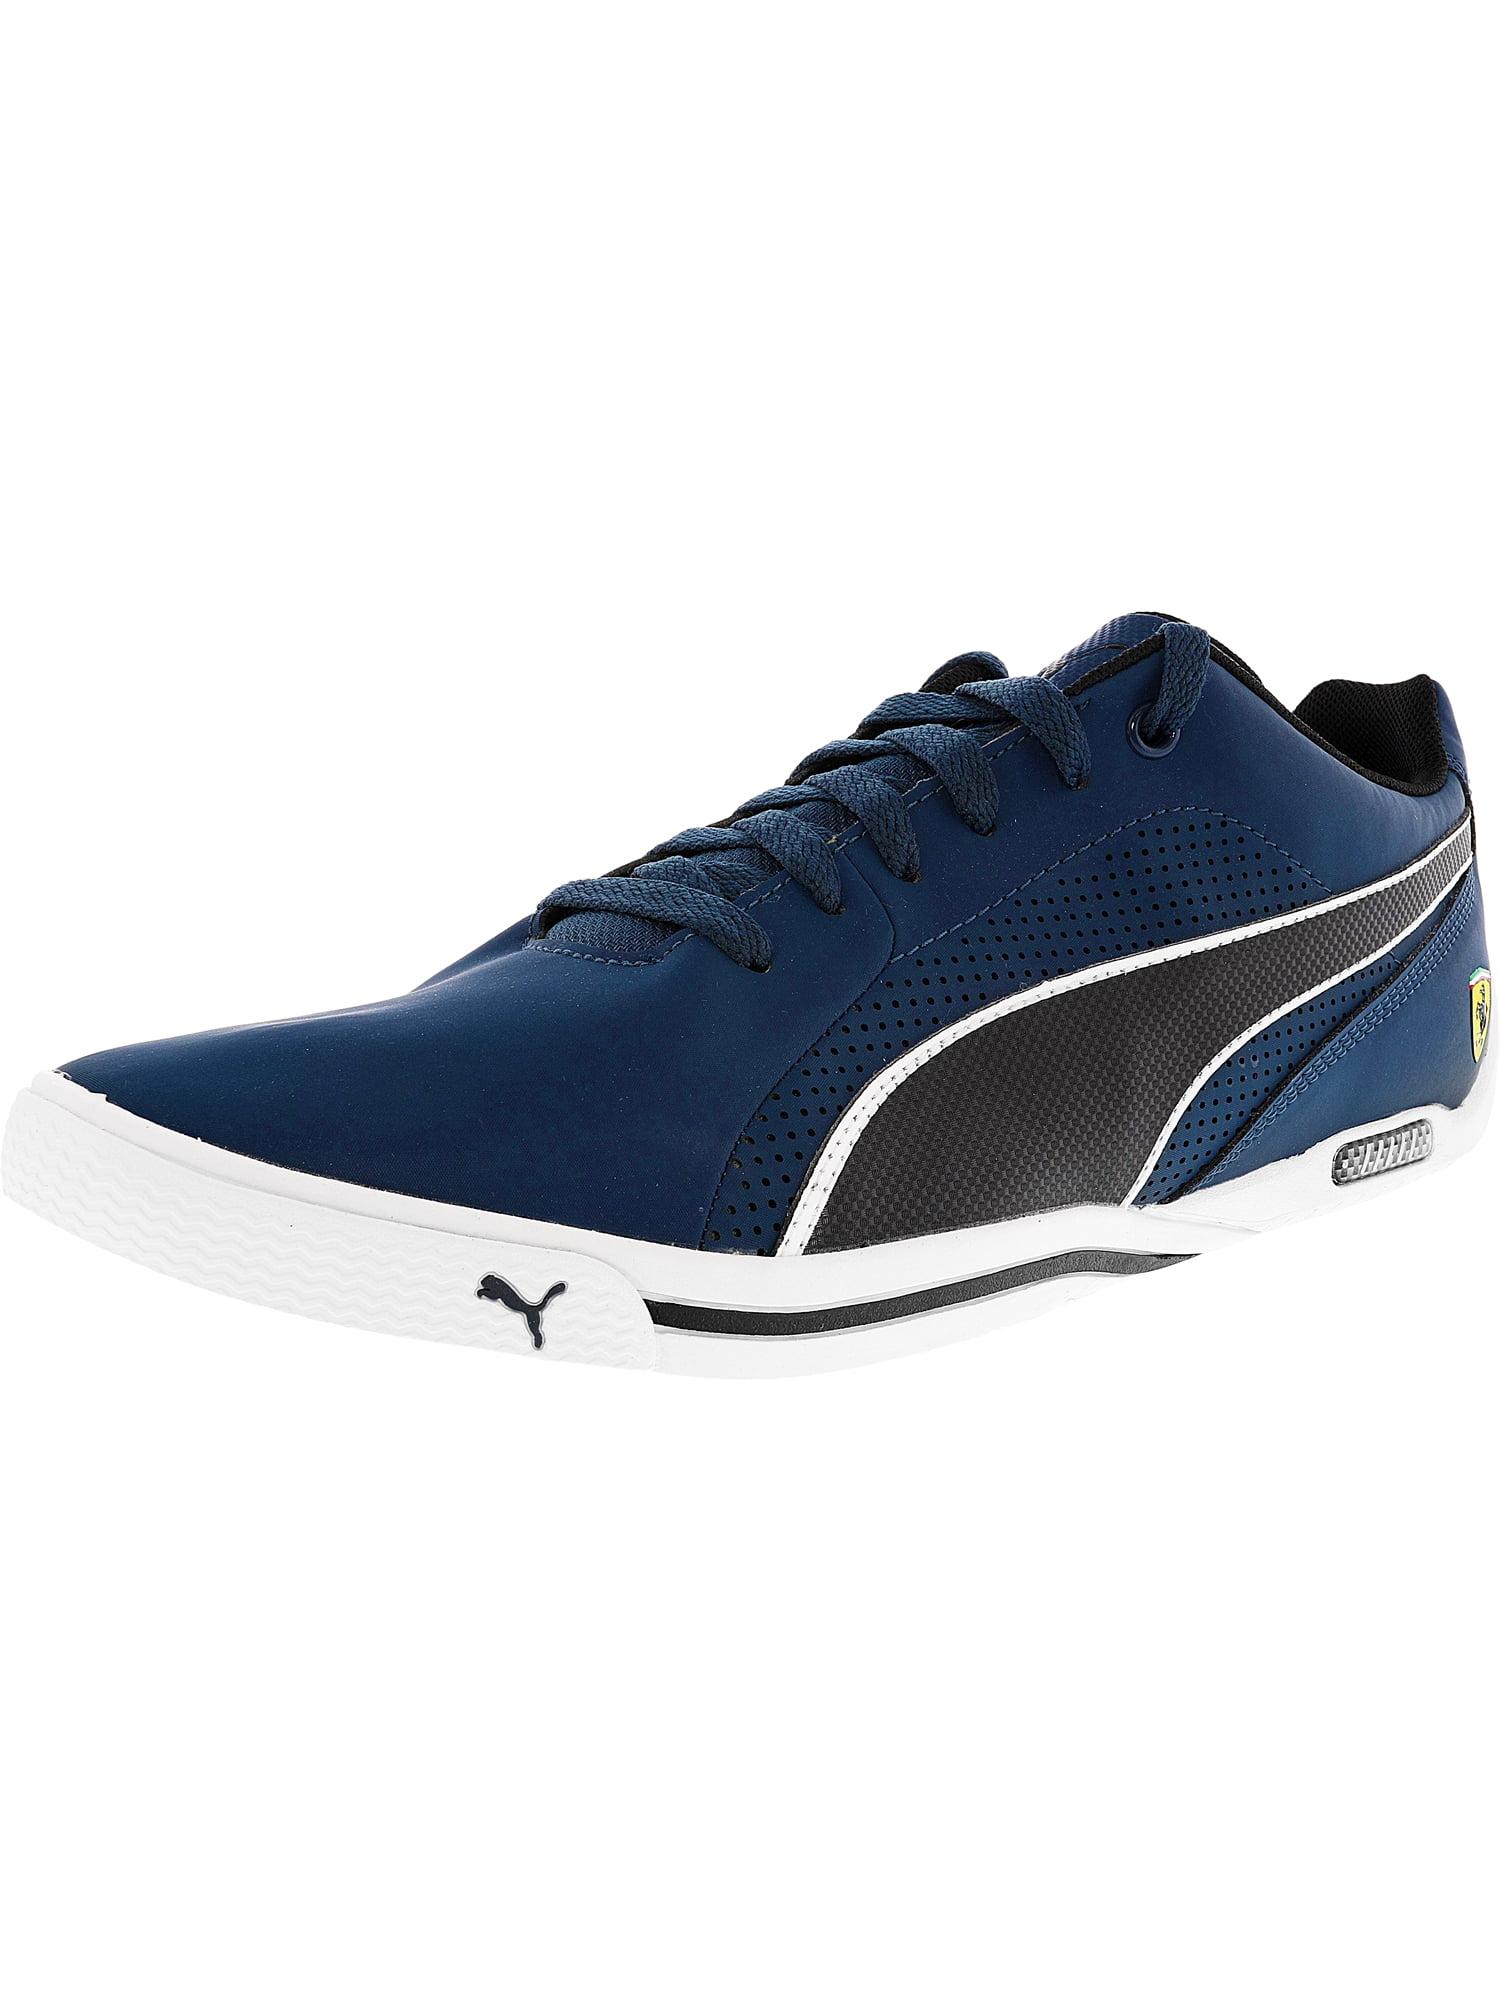 Puma Men's Ferrari Selezione Nm2 Blue Wing Teal / Black Ankle-High Fashion Sneaker - 12M